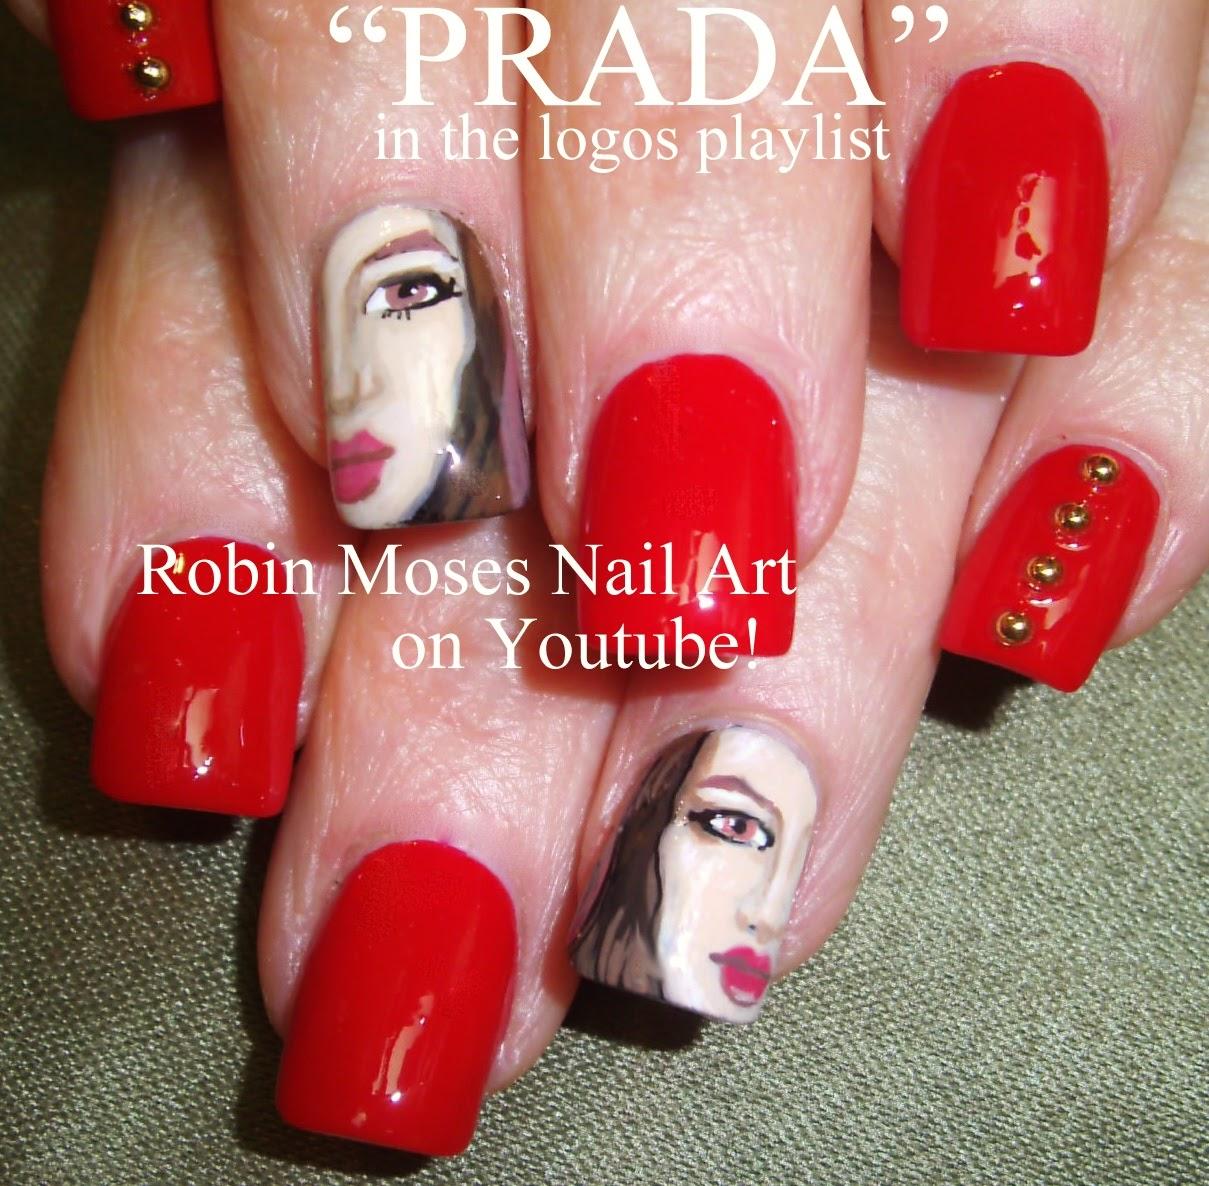 Robin moses nail art prada nail art couture nail art prada prada nail art couture nail art prada nails designer nails how to paint faces faces on nails designer nail art prinsesfo Gallery